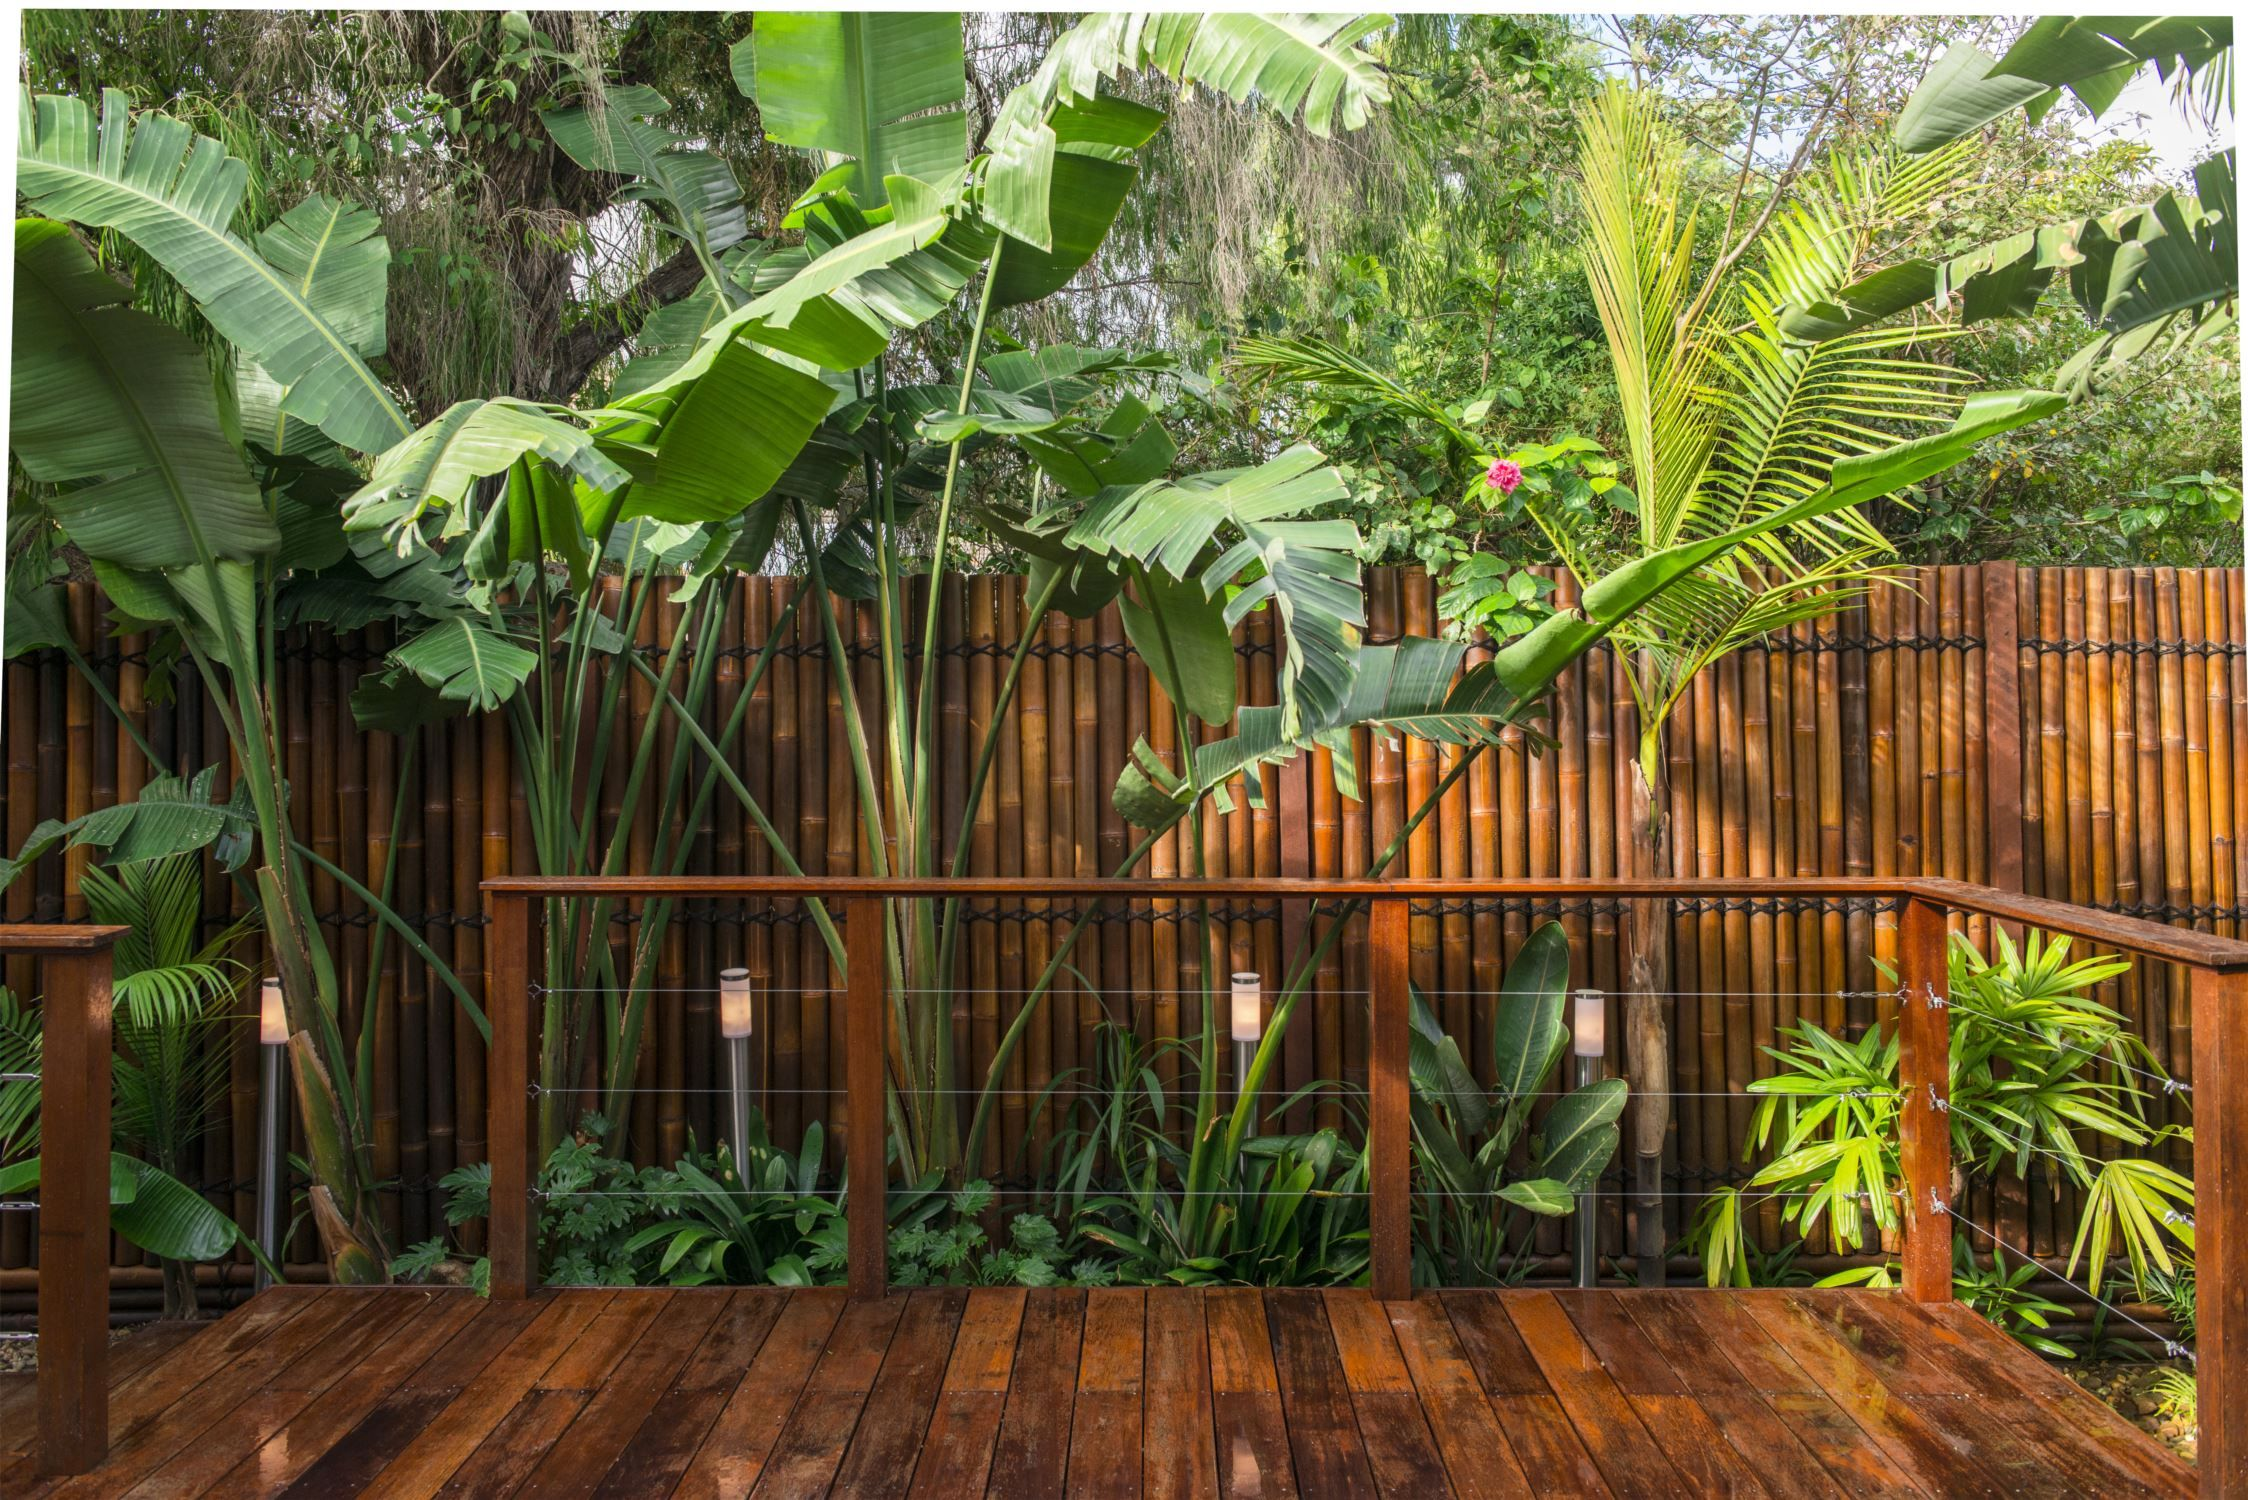 Balinese garden ideas garden outdoor water plants for Bali garden designs